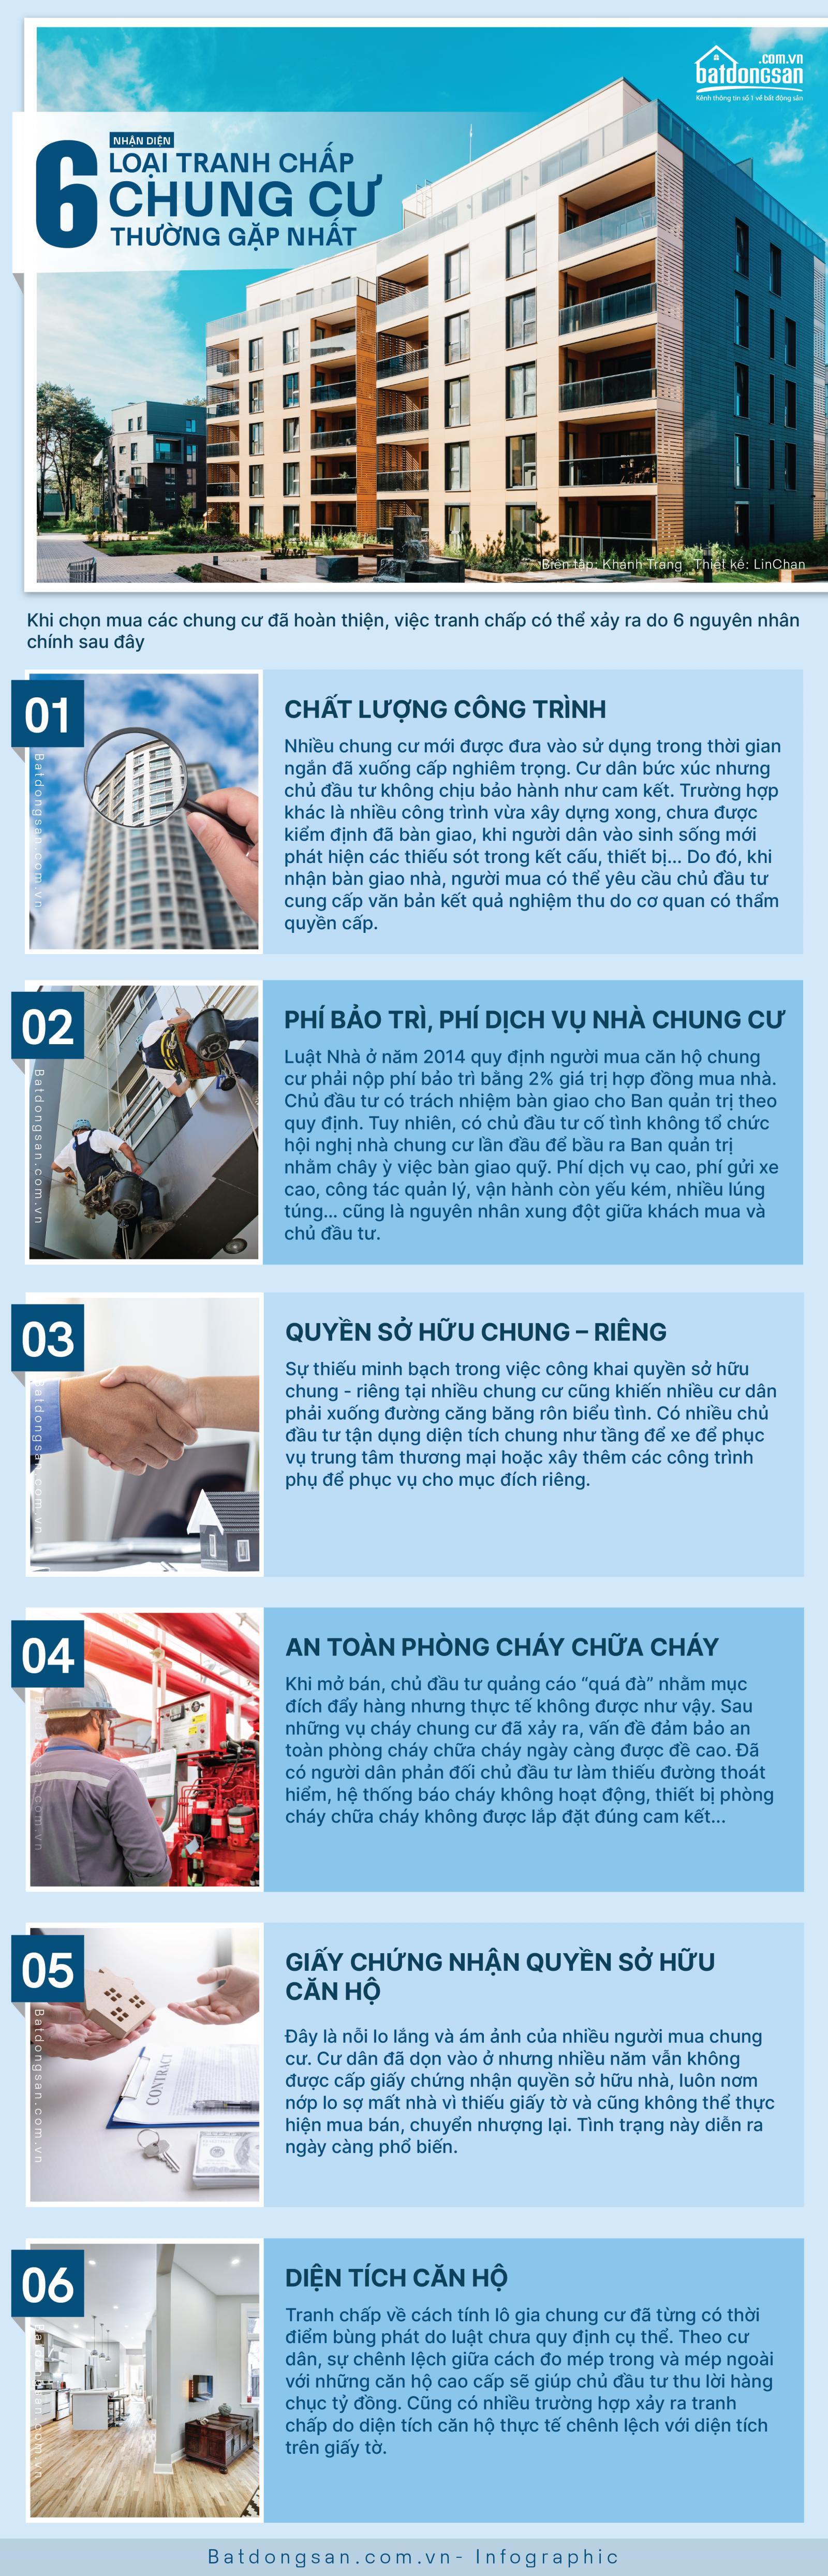 Infographic về 6 loại tranh chấp chung cư thường gặp nhất